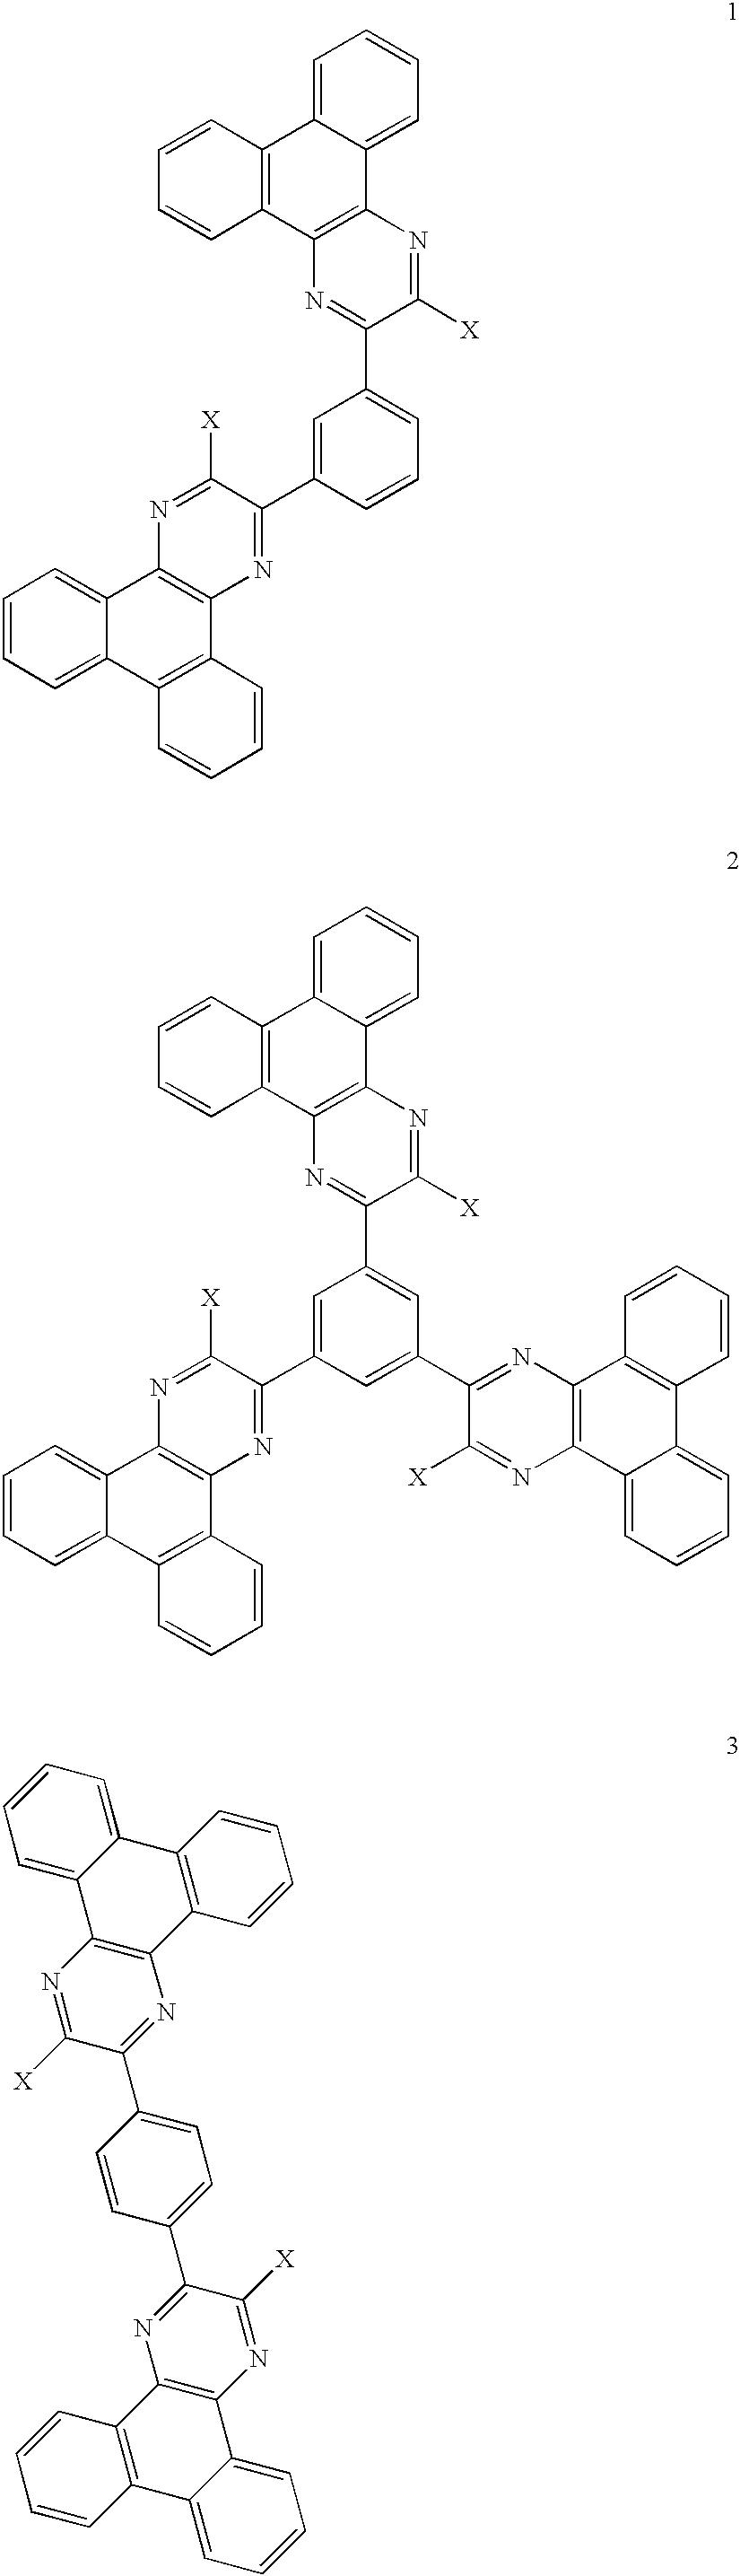 Figure US06723445-20040420-C00010